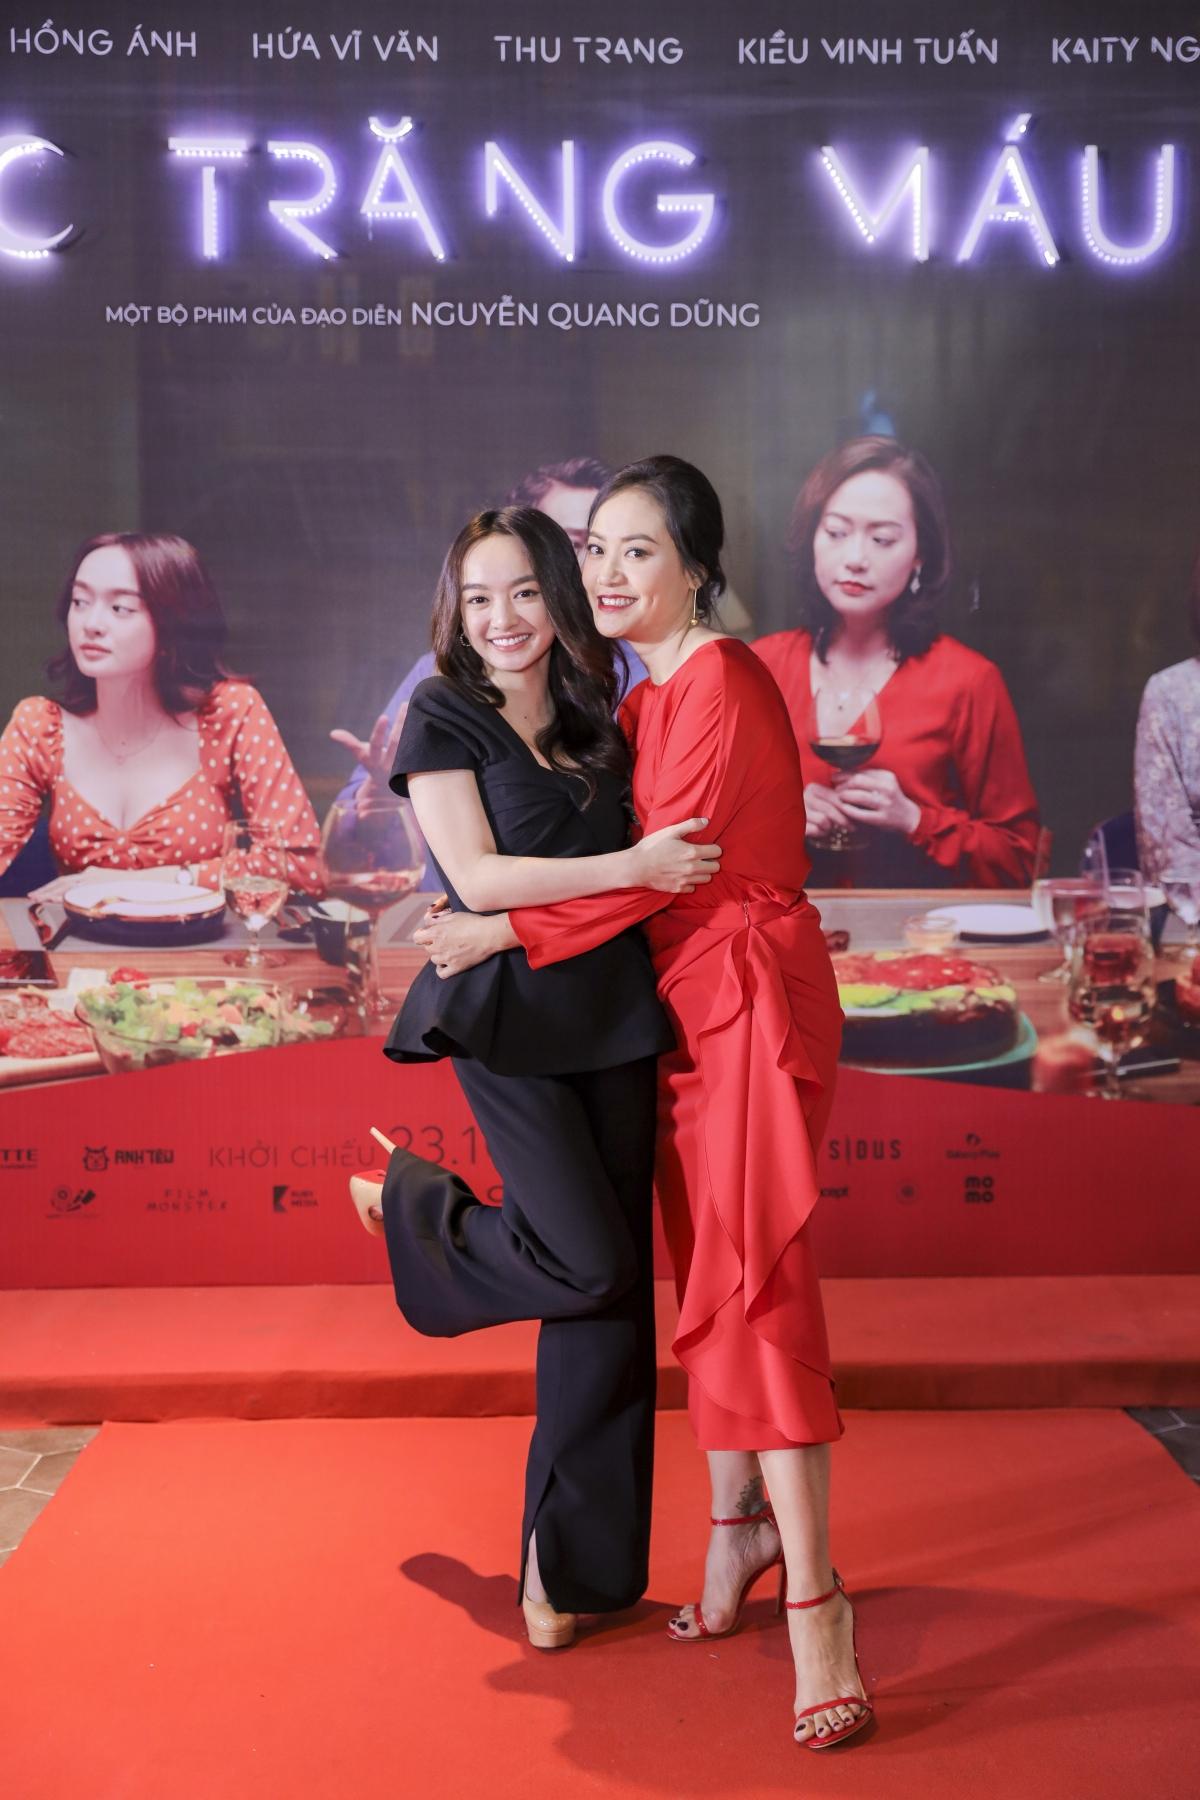 Hồng Ánh và Kaity Nguyễn là hai mỹ nhân thuộc hai thế hệ của điện ảnh Việt.